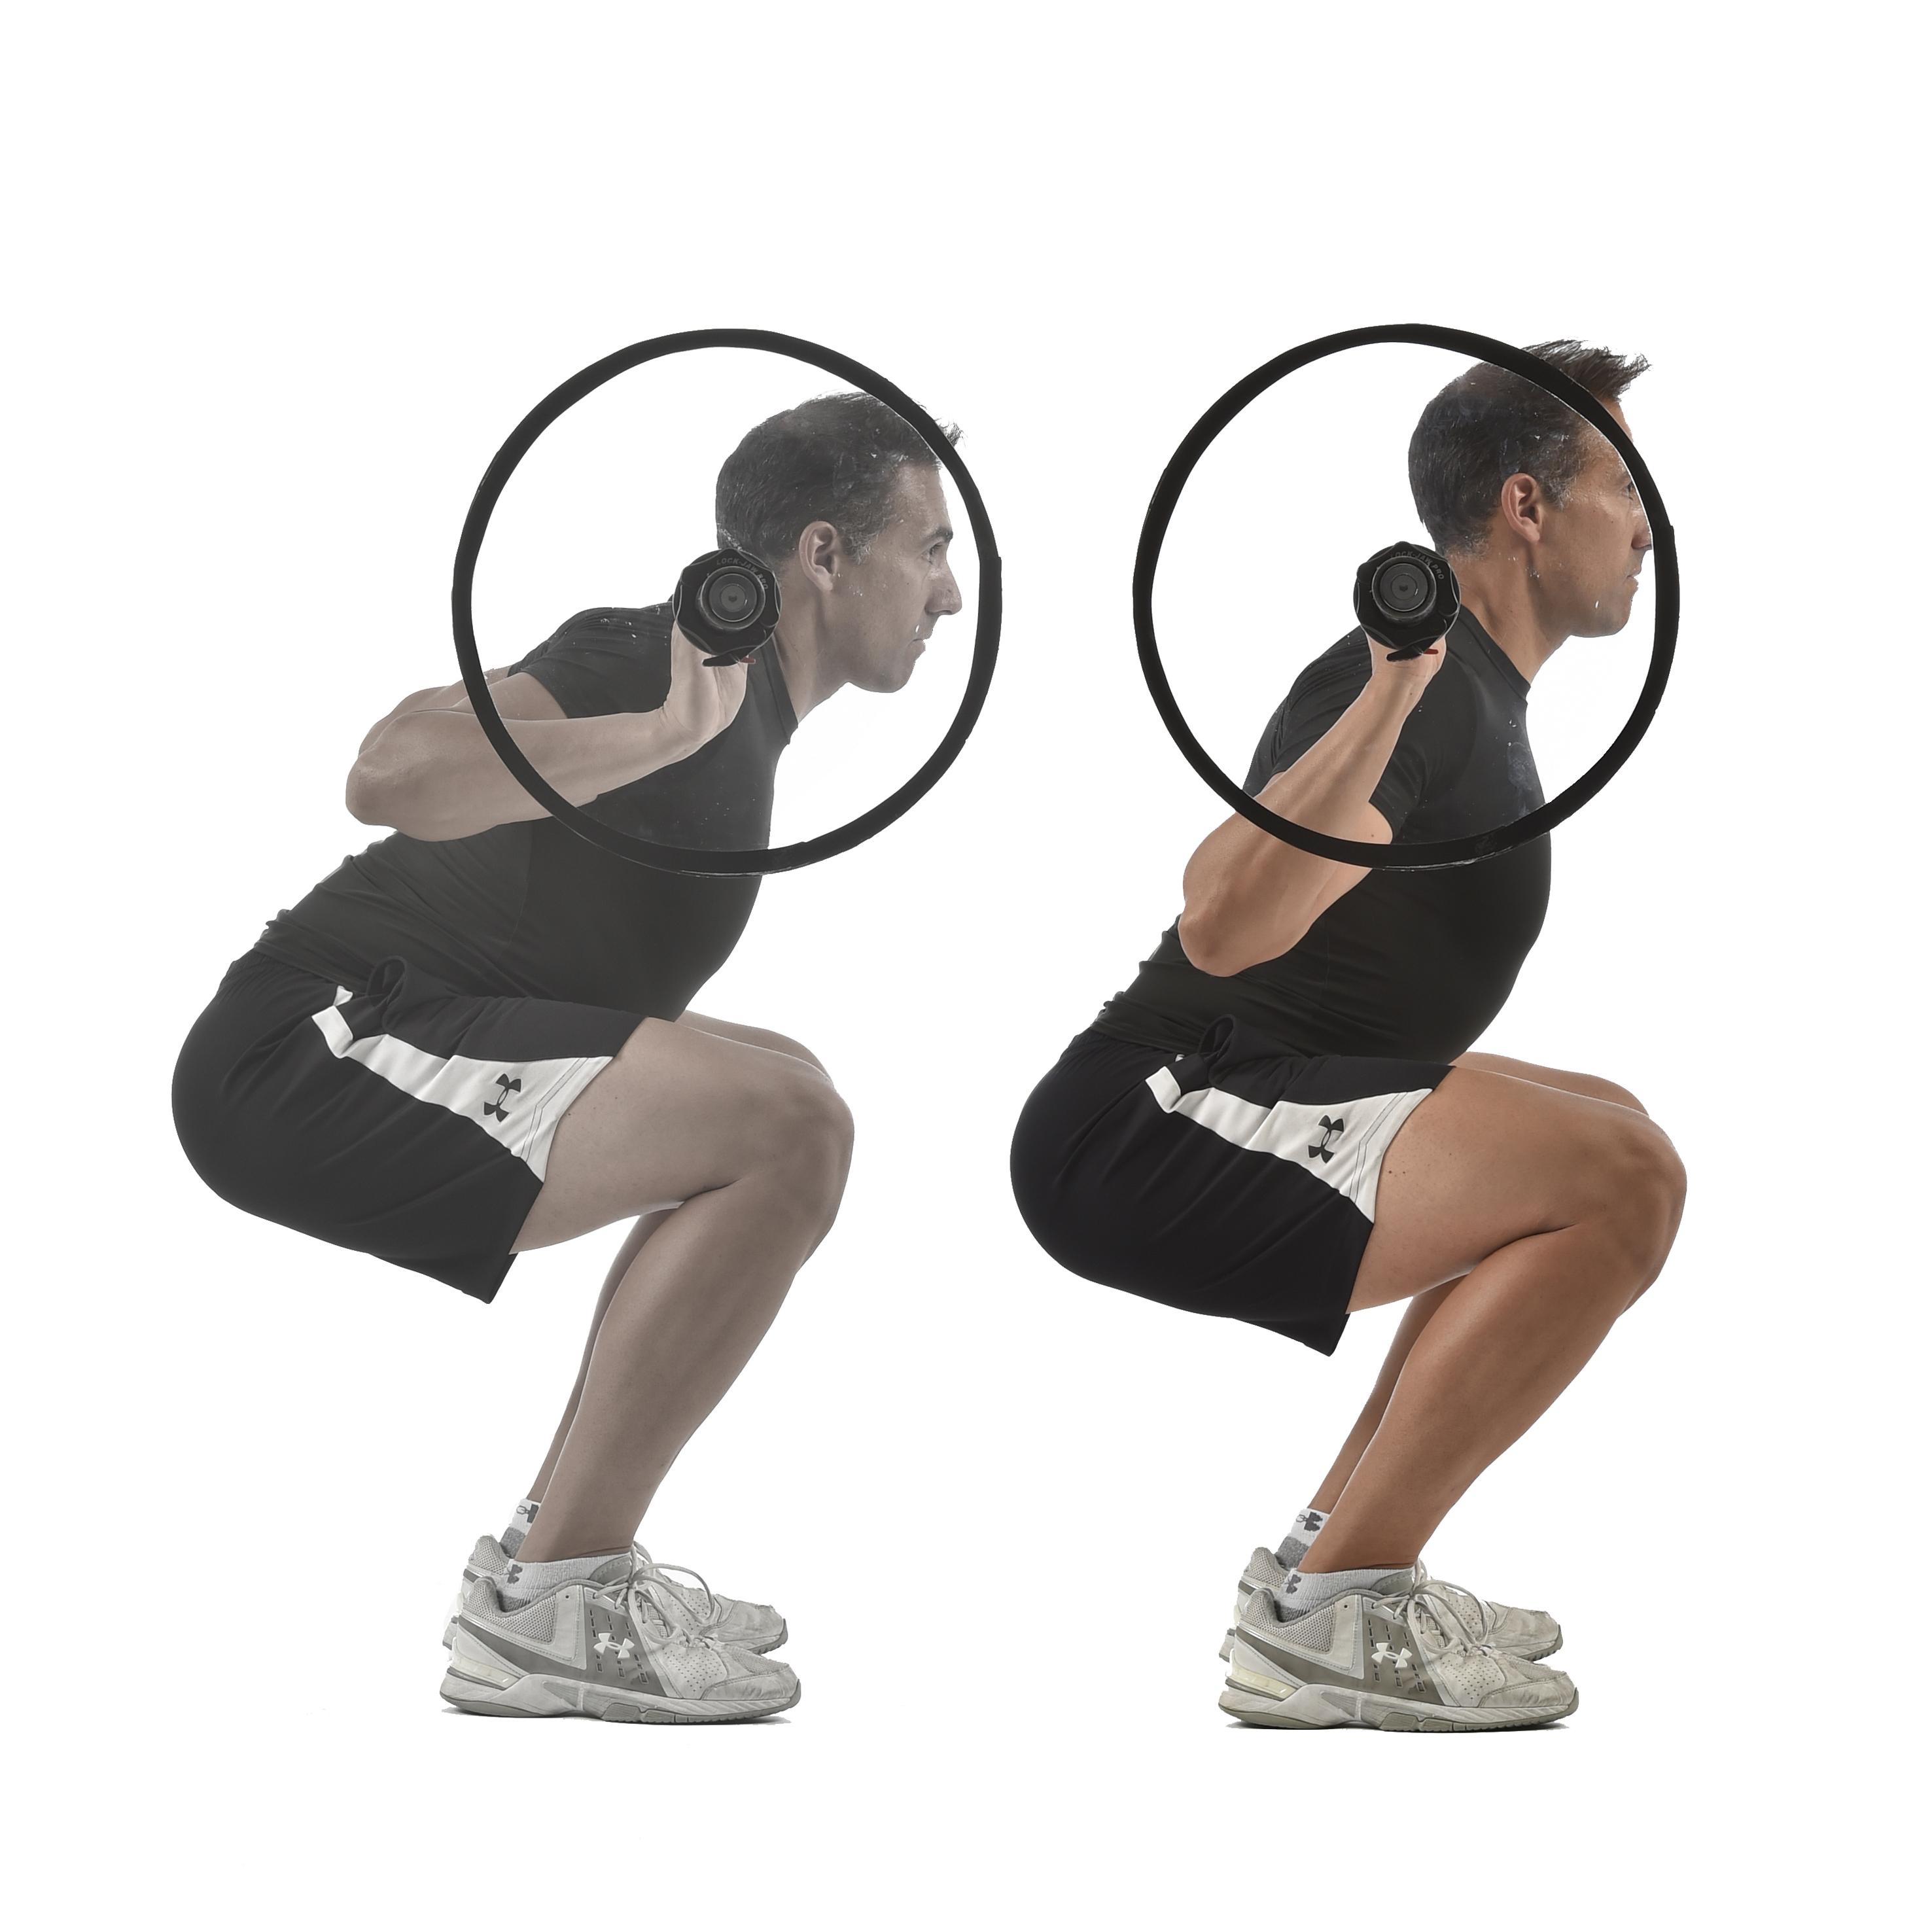 La rodilla en el squat, sobrepasa al pie